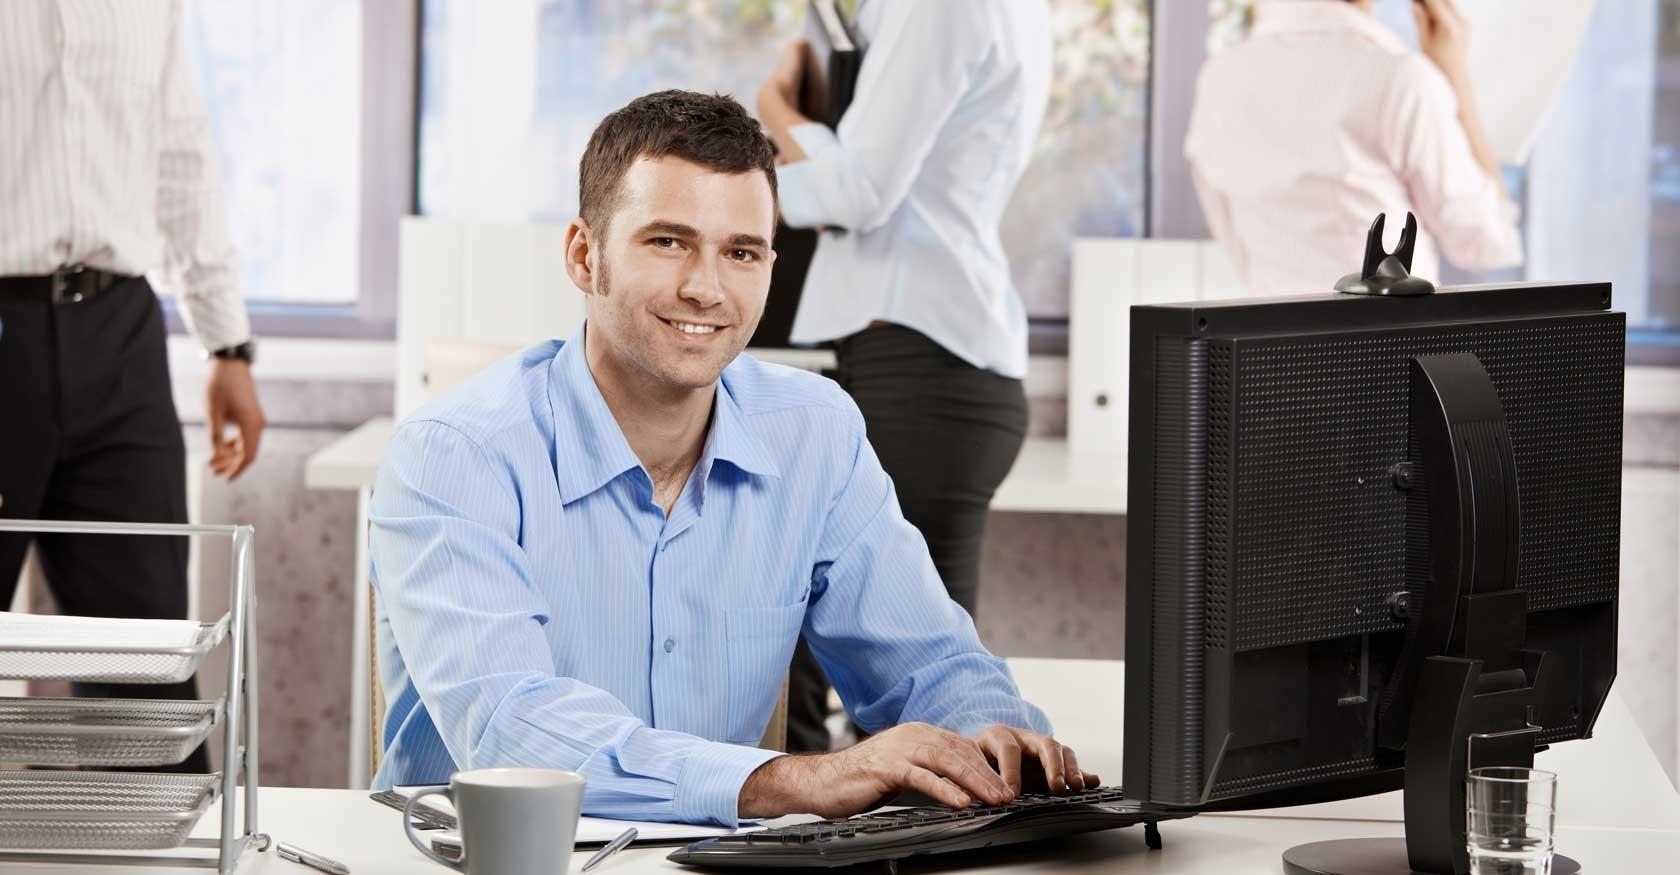 Секретарши работают сверхурочно смотреть онлайн 25 фотография